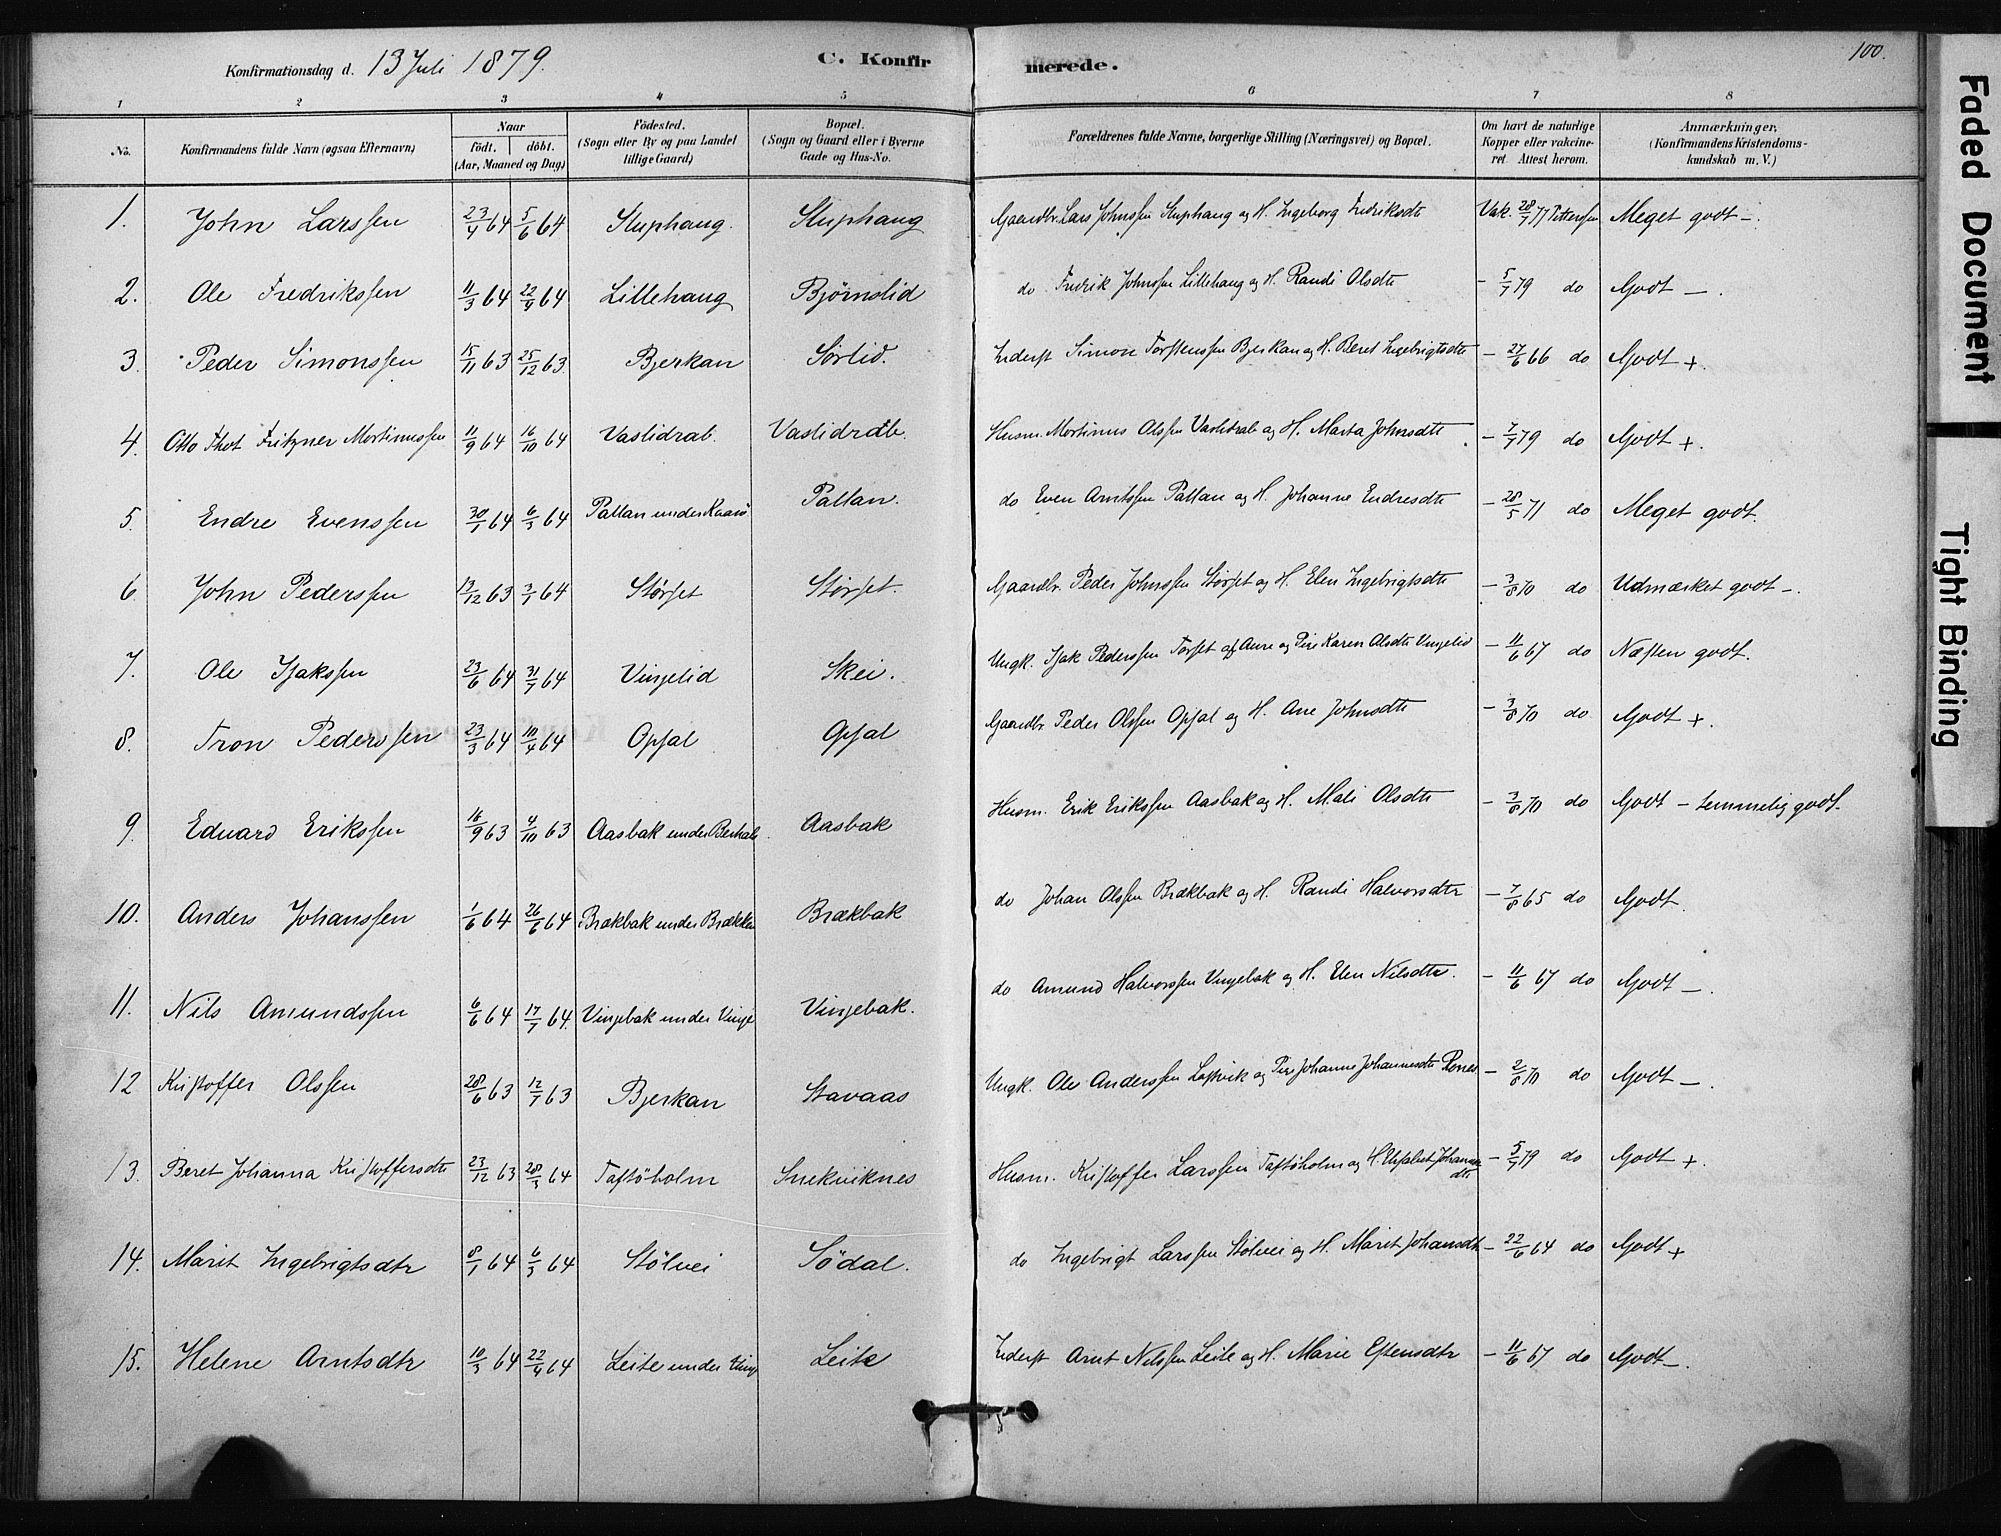 SAT, Ministerialprotokoller, klokkerbøker og fødselsregistre - Sør-Trøndelag, 631/L0512: Ministerialbok nr. 631A01, 1879-1912, s. 100